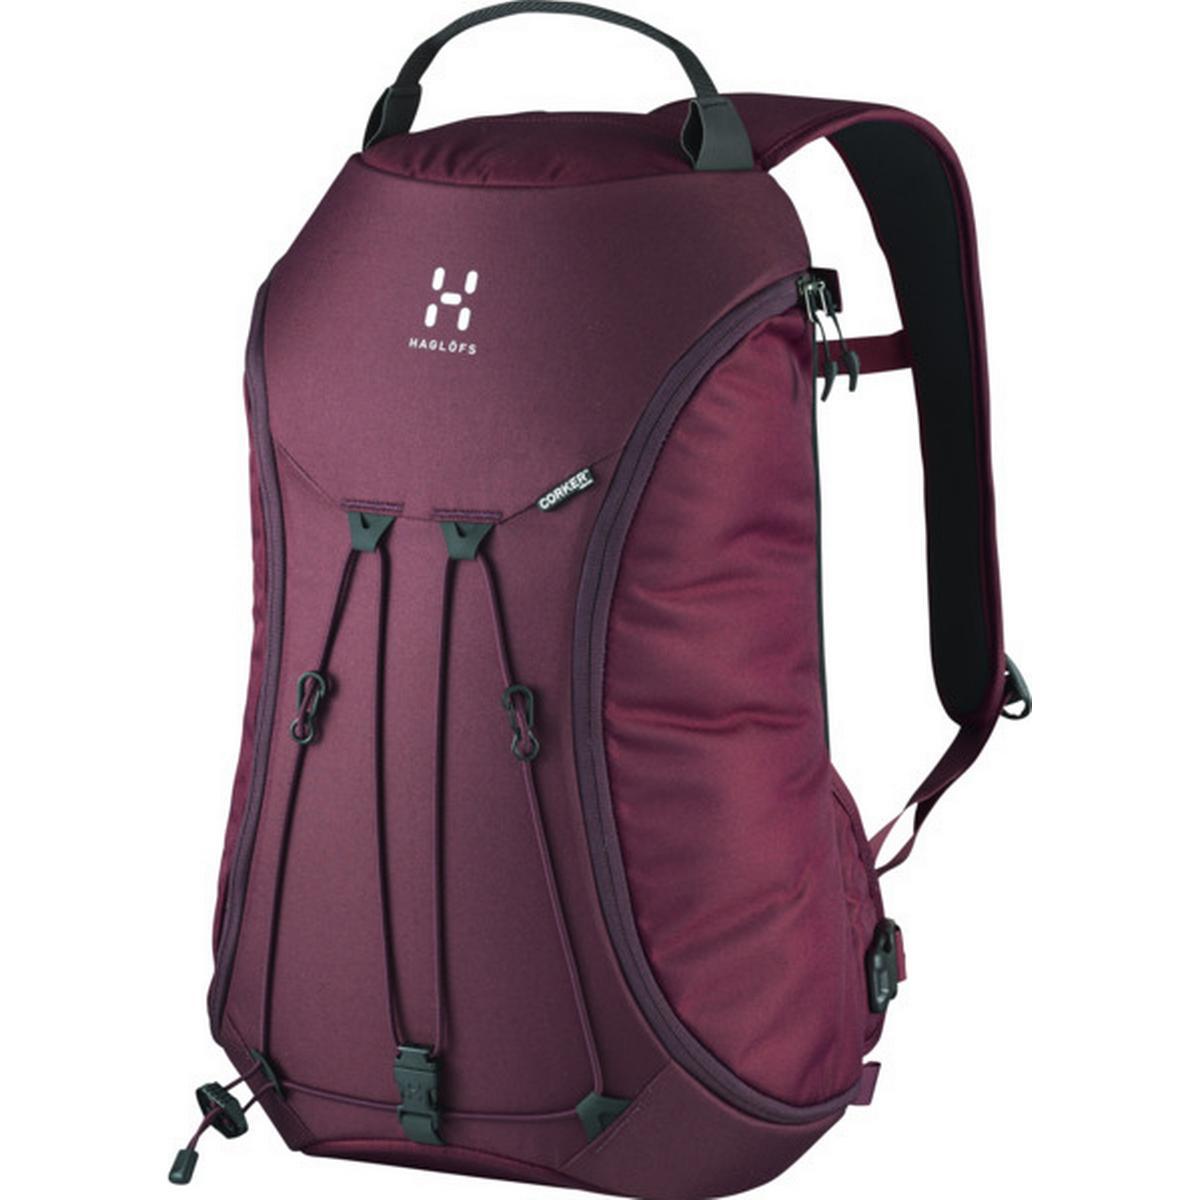 Anti stöld Ryggsäck Kodlås Väska Multifunktionell, Purple